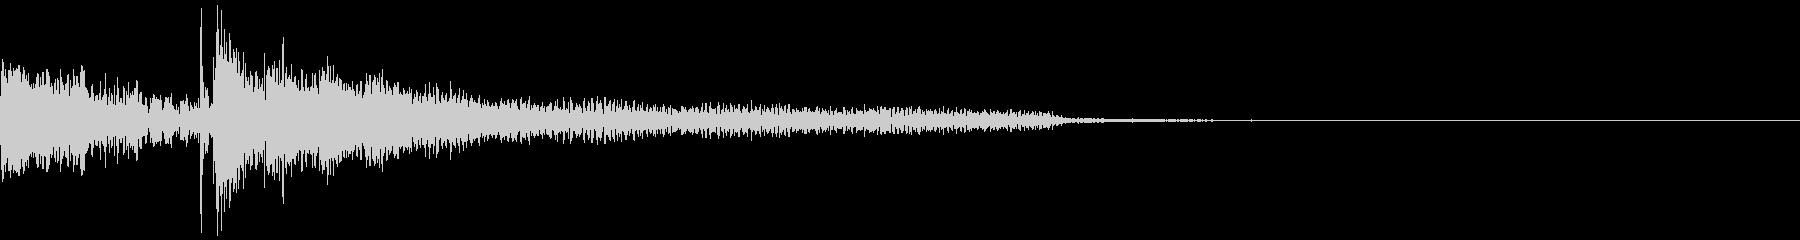 将棋の駒5 王手 チェックメイト オセロの未再生の波形